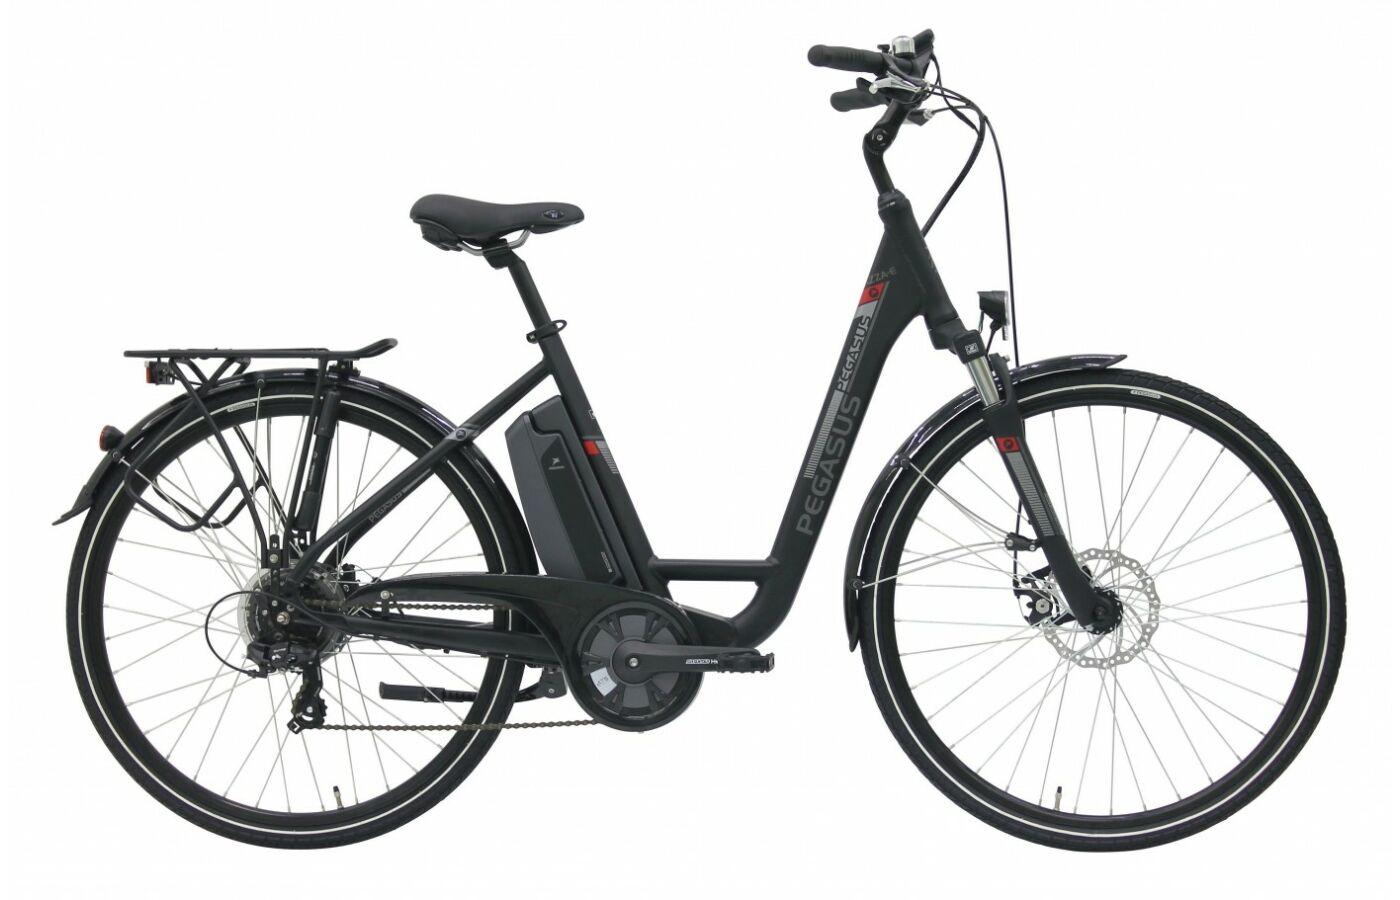 PEGASUS Piazza E elektromos kerékpár - Ambringa pedelec webshop 894d99dfc9